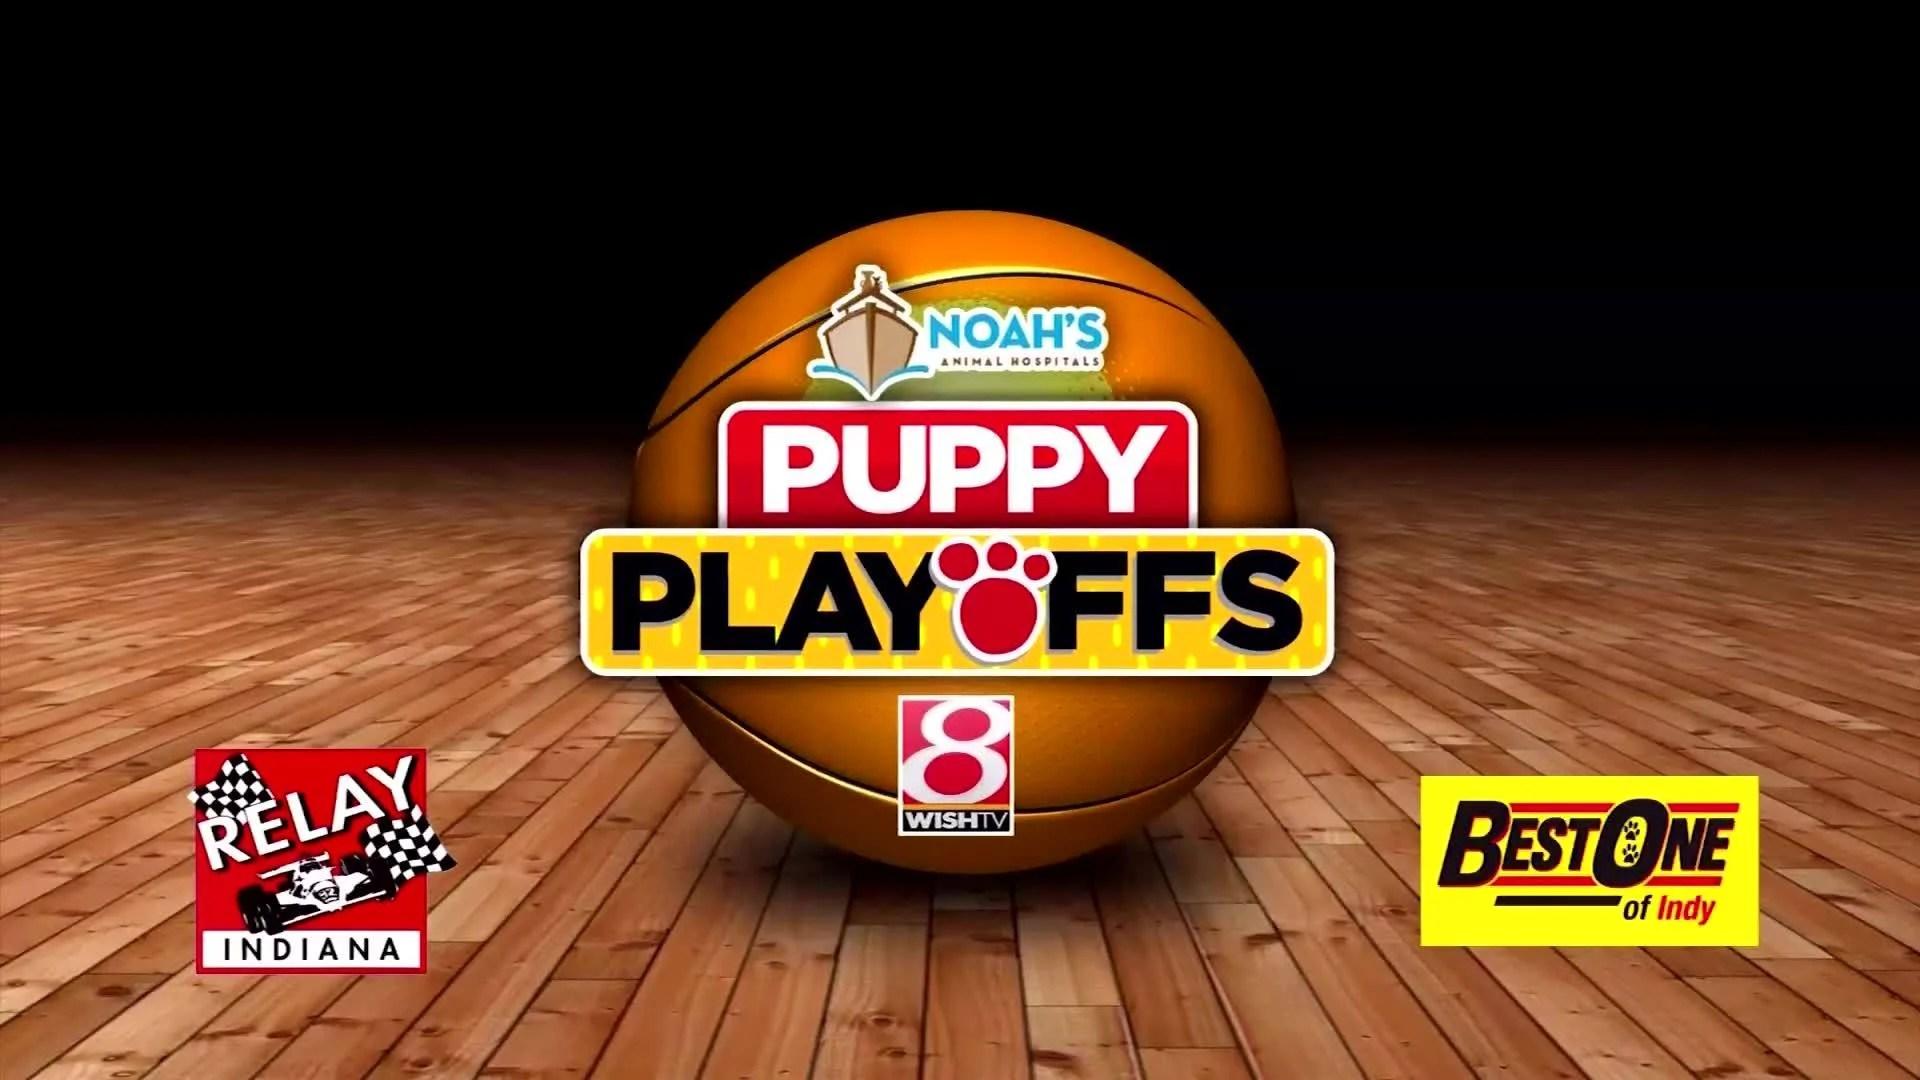 2019 WISH-TV Puppy Playoffs